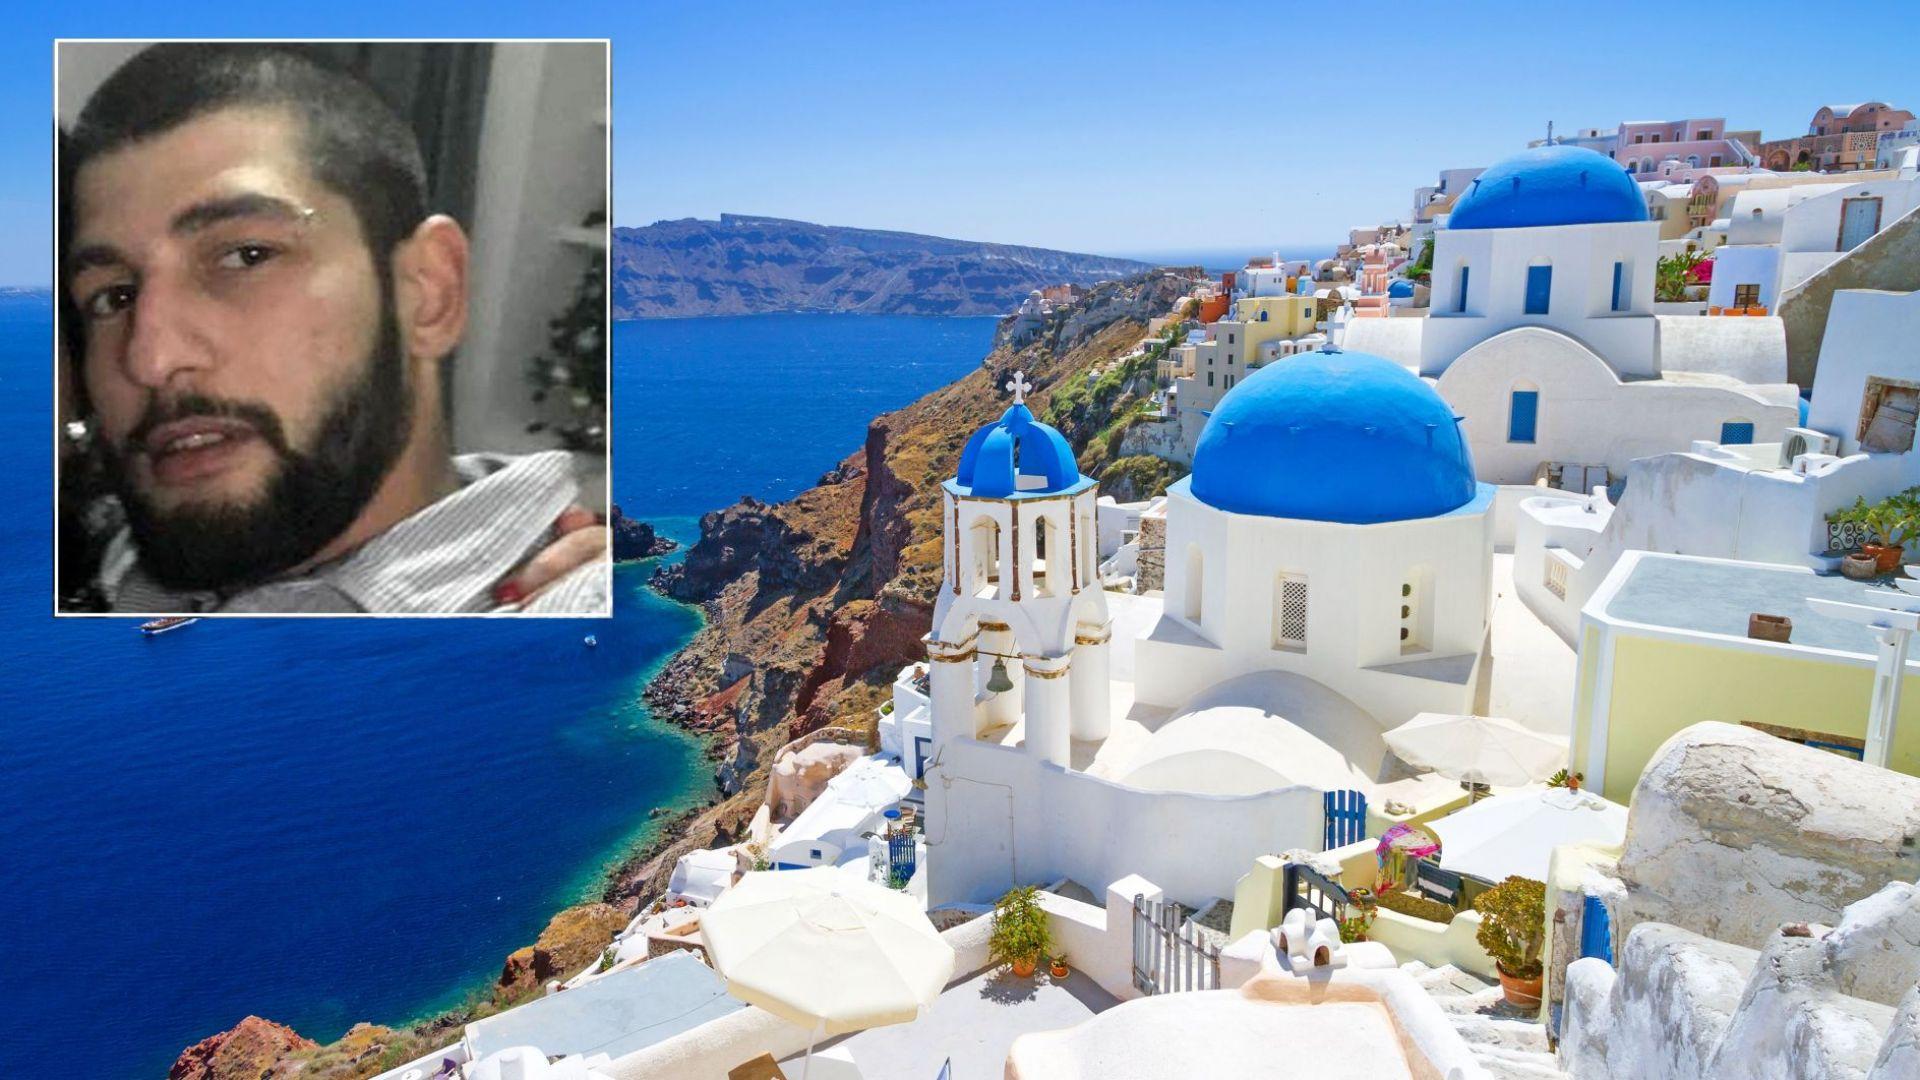 Българин изчезна мистериозно на гръцкия остров Санторини. Йордан Станев Динев